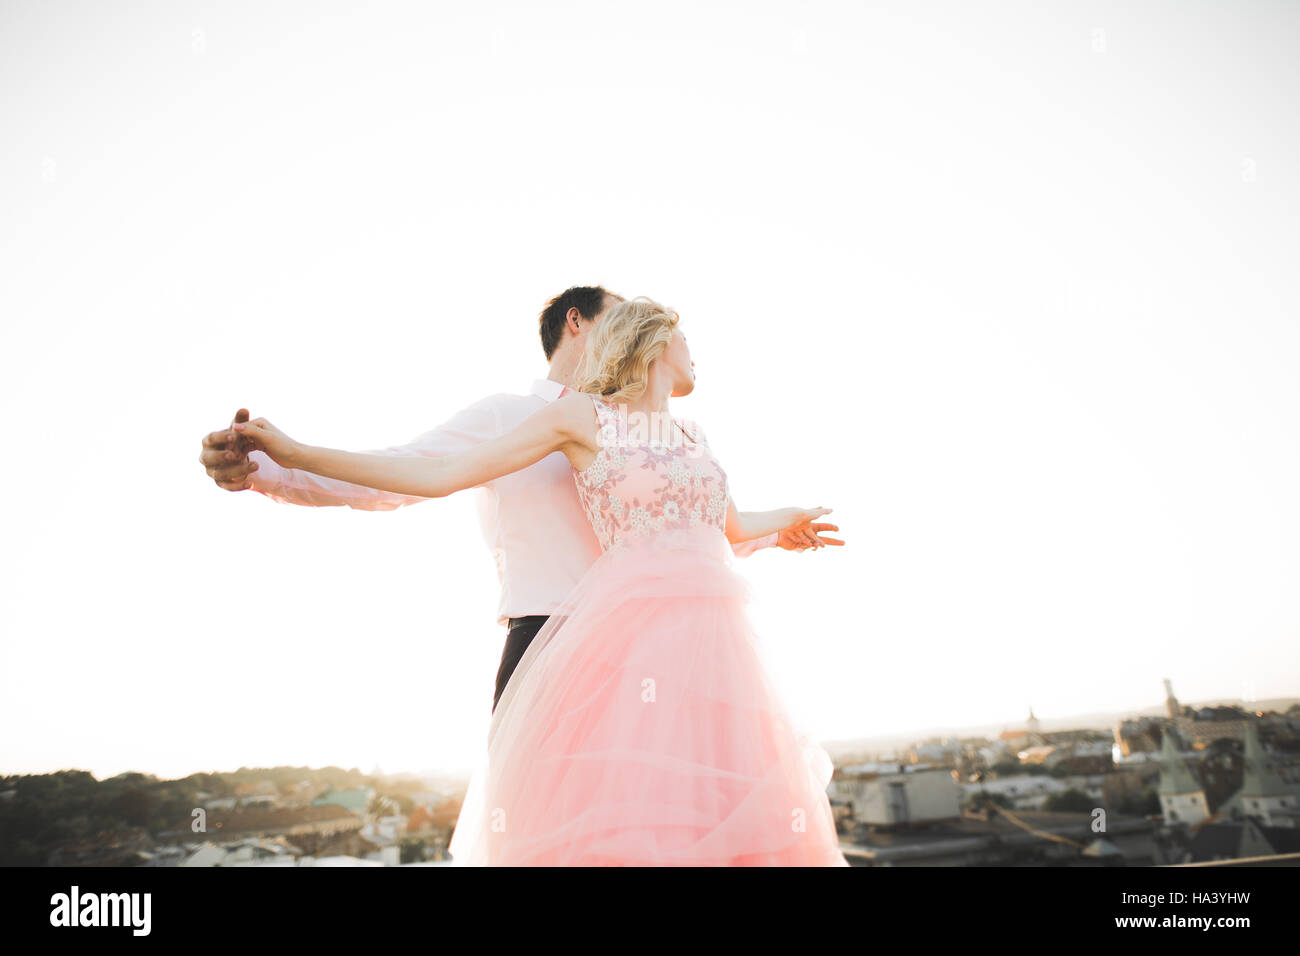 Jovem casal no amor posando no teto com vista cidade perfeita as mãos e abraçando . Belo pôr-do-sol Imagens de Stock